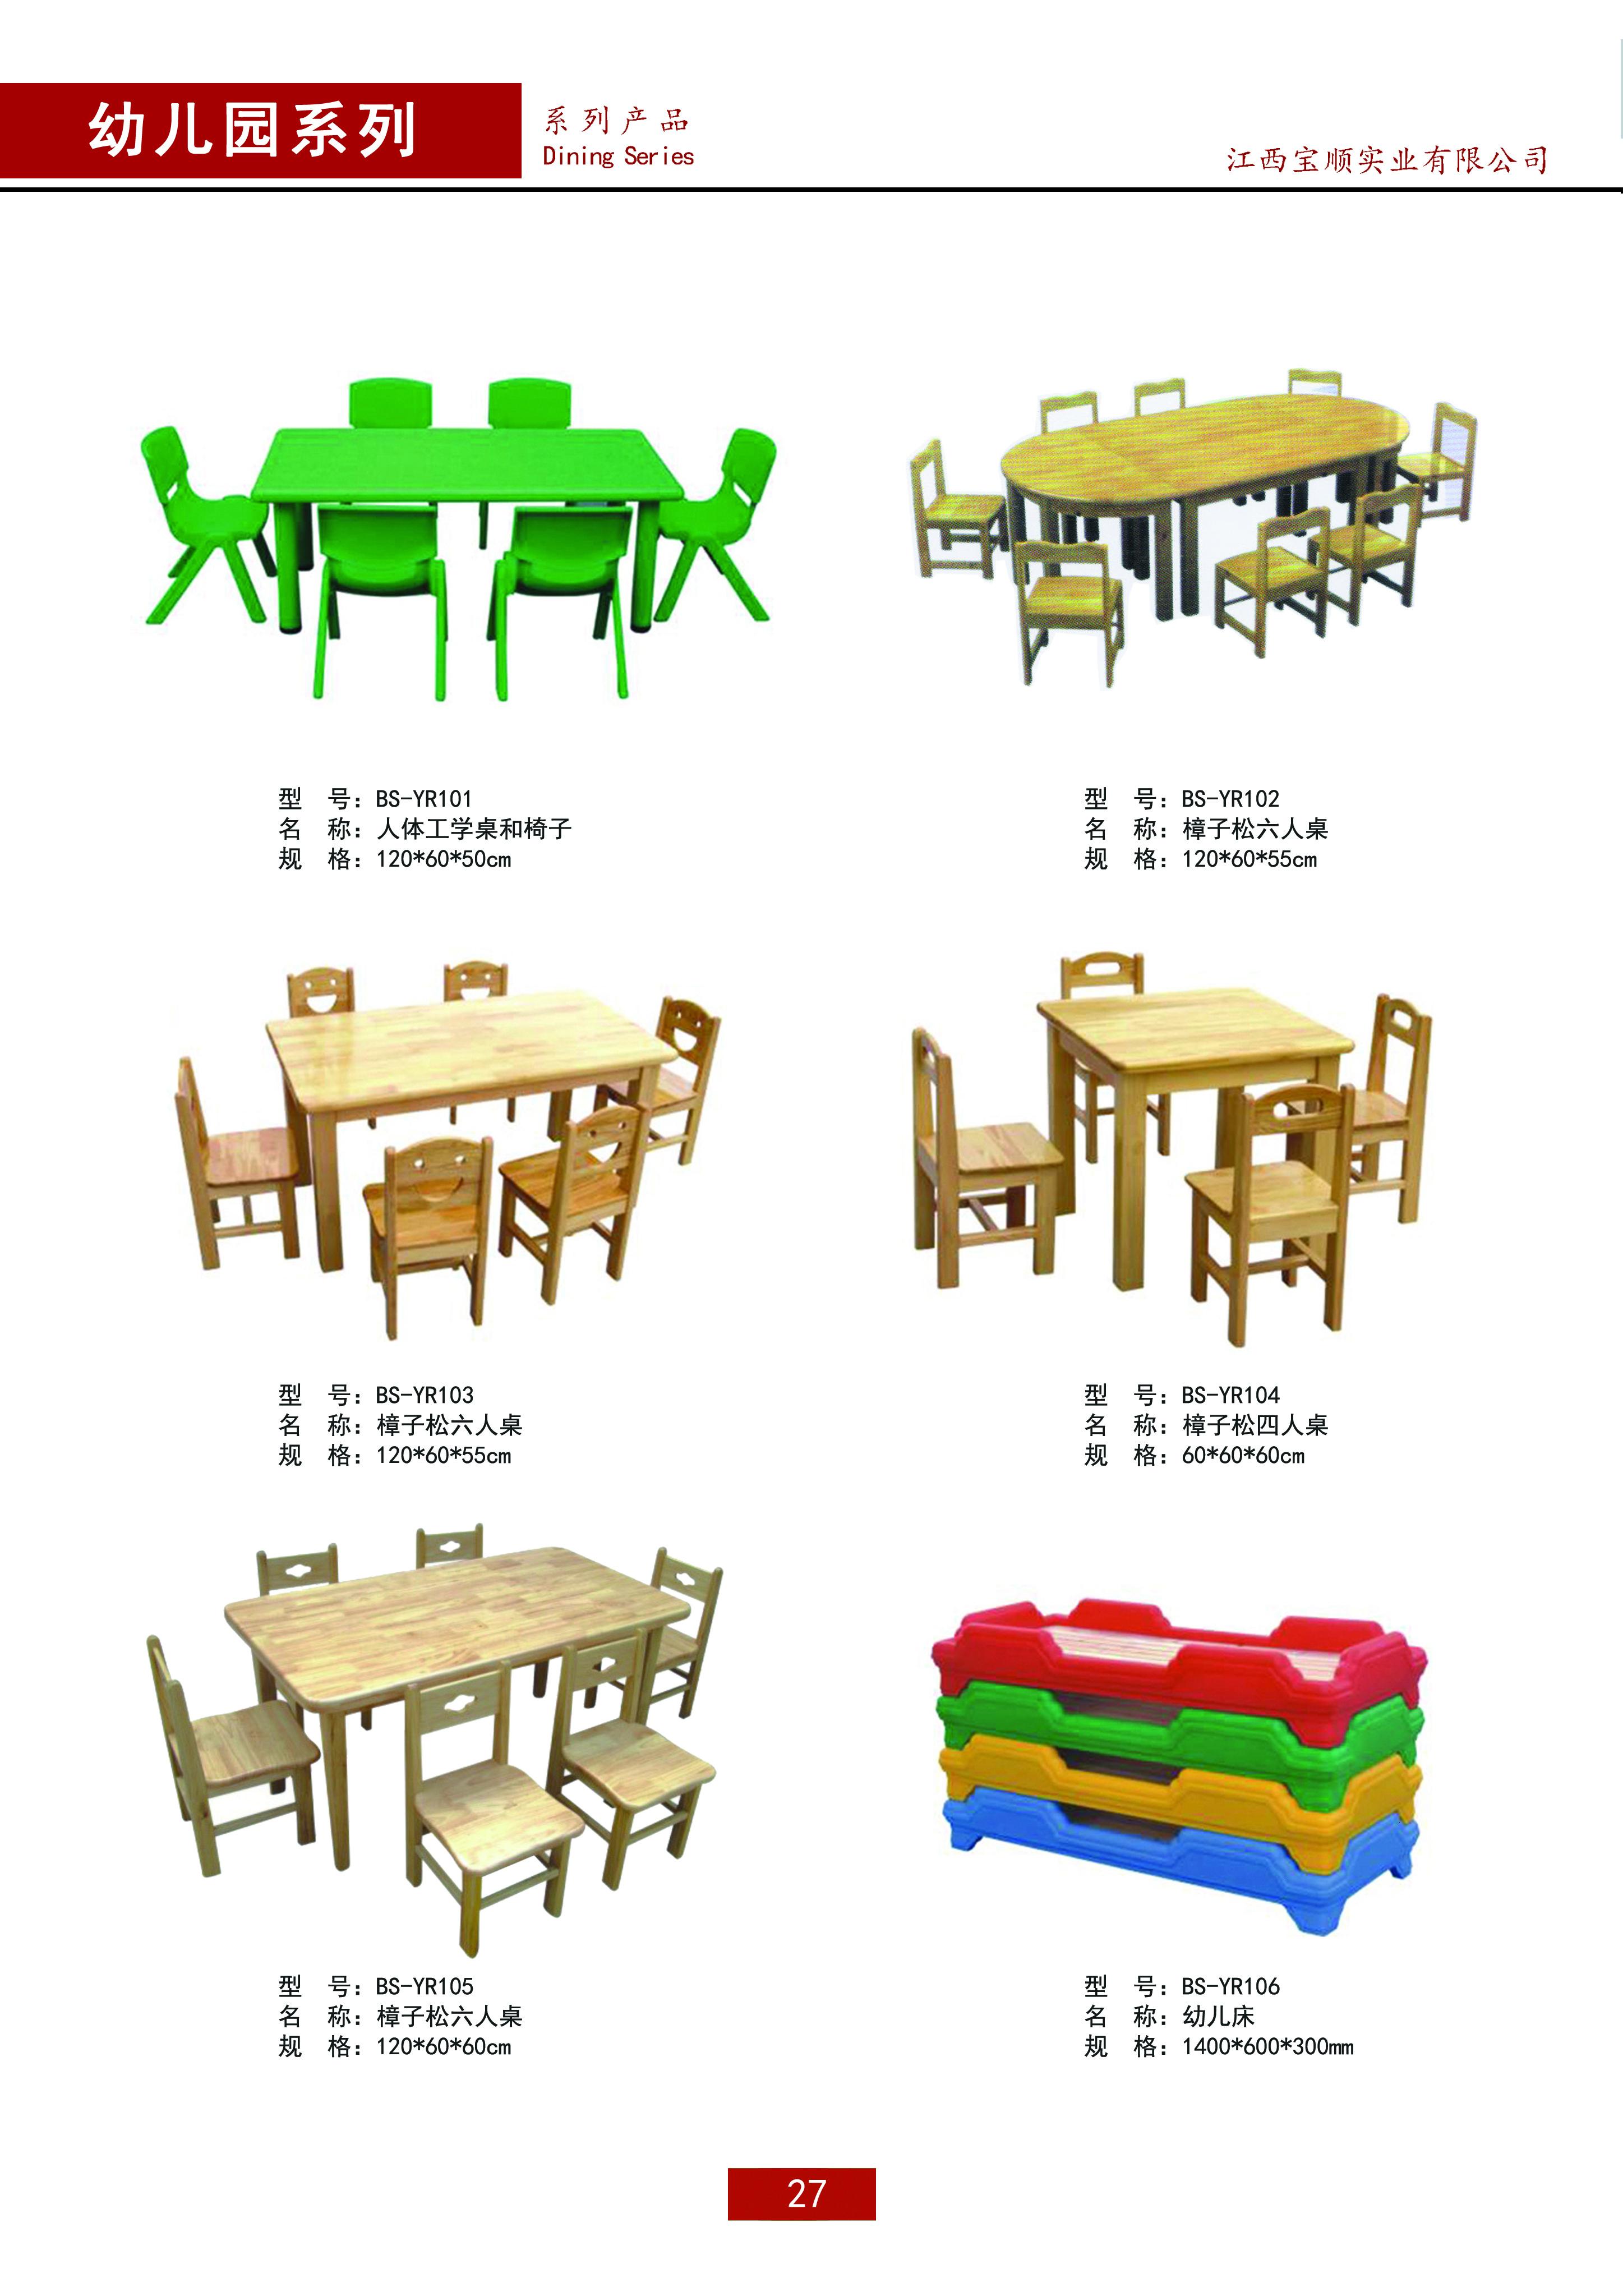 【 幼儿园系列】 幼儿床 大型户外玩具  幼儿桌椅  整理柜